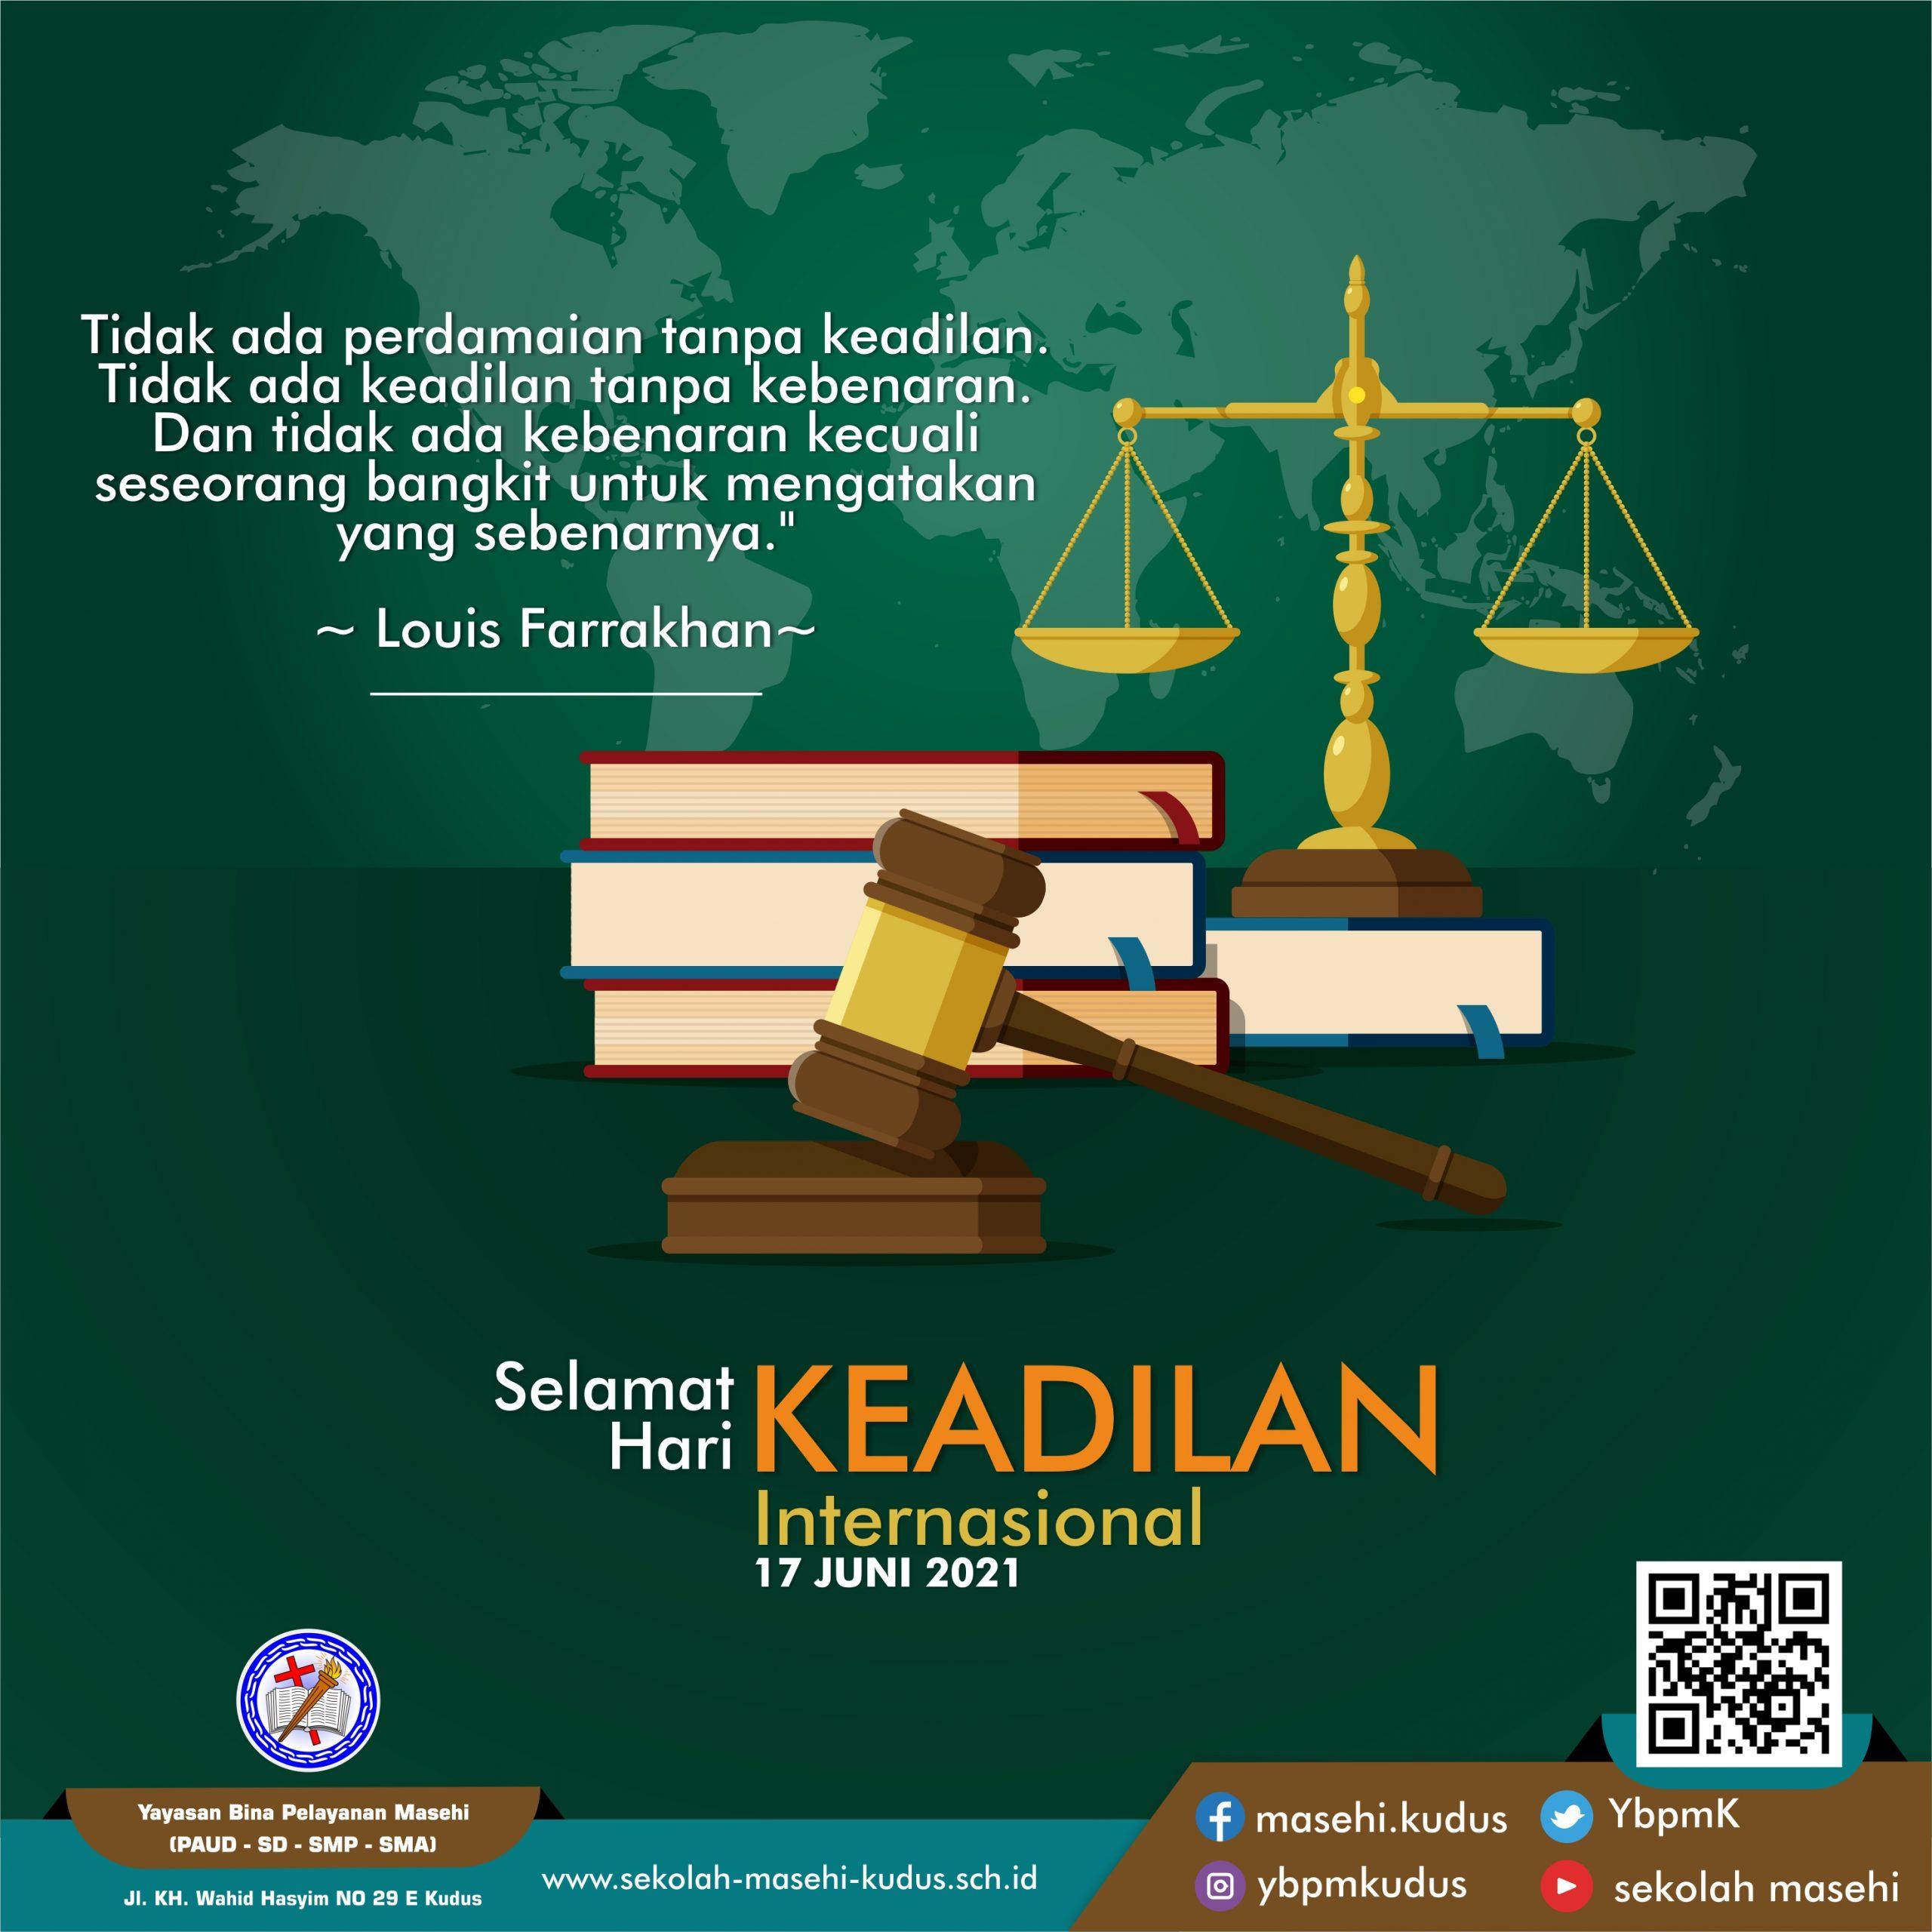 Selamat Hari Keadilan Internasional